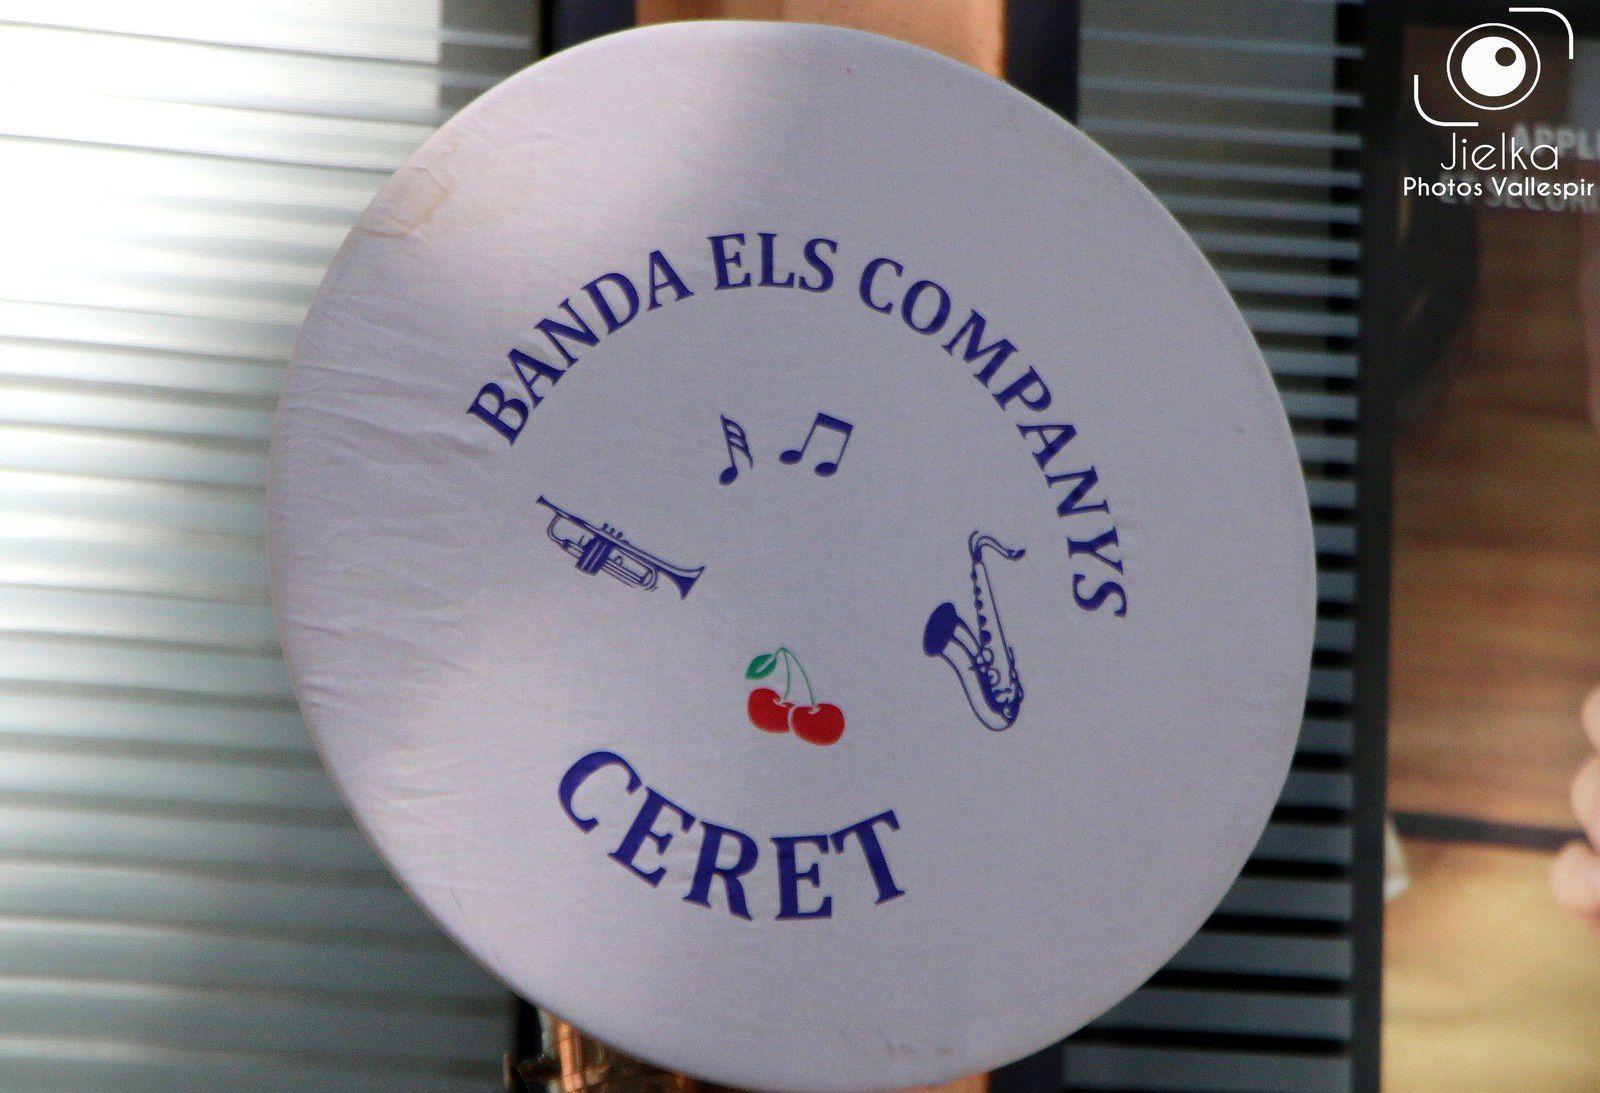 CÉRET, EN ATTENDANT LA FÊTE DE LA CERISE AVEC ELS COMPANY'S.